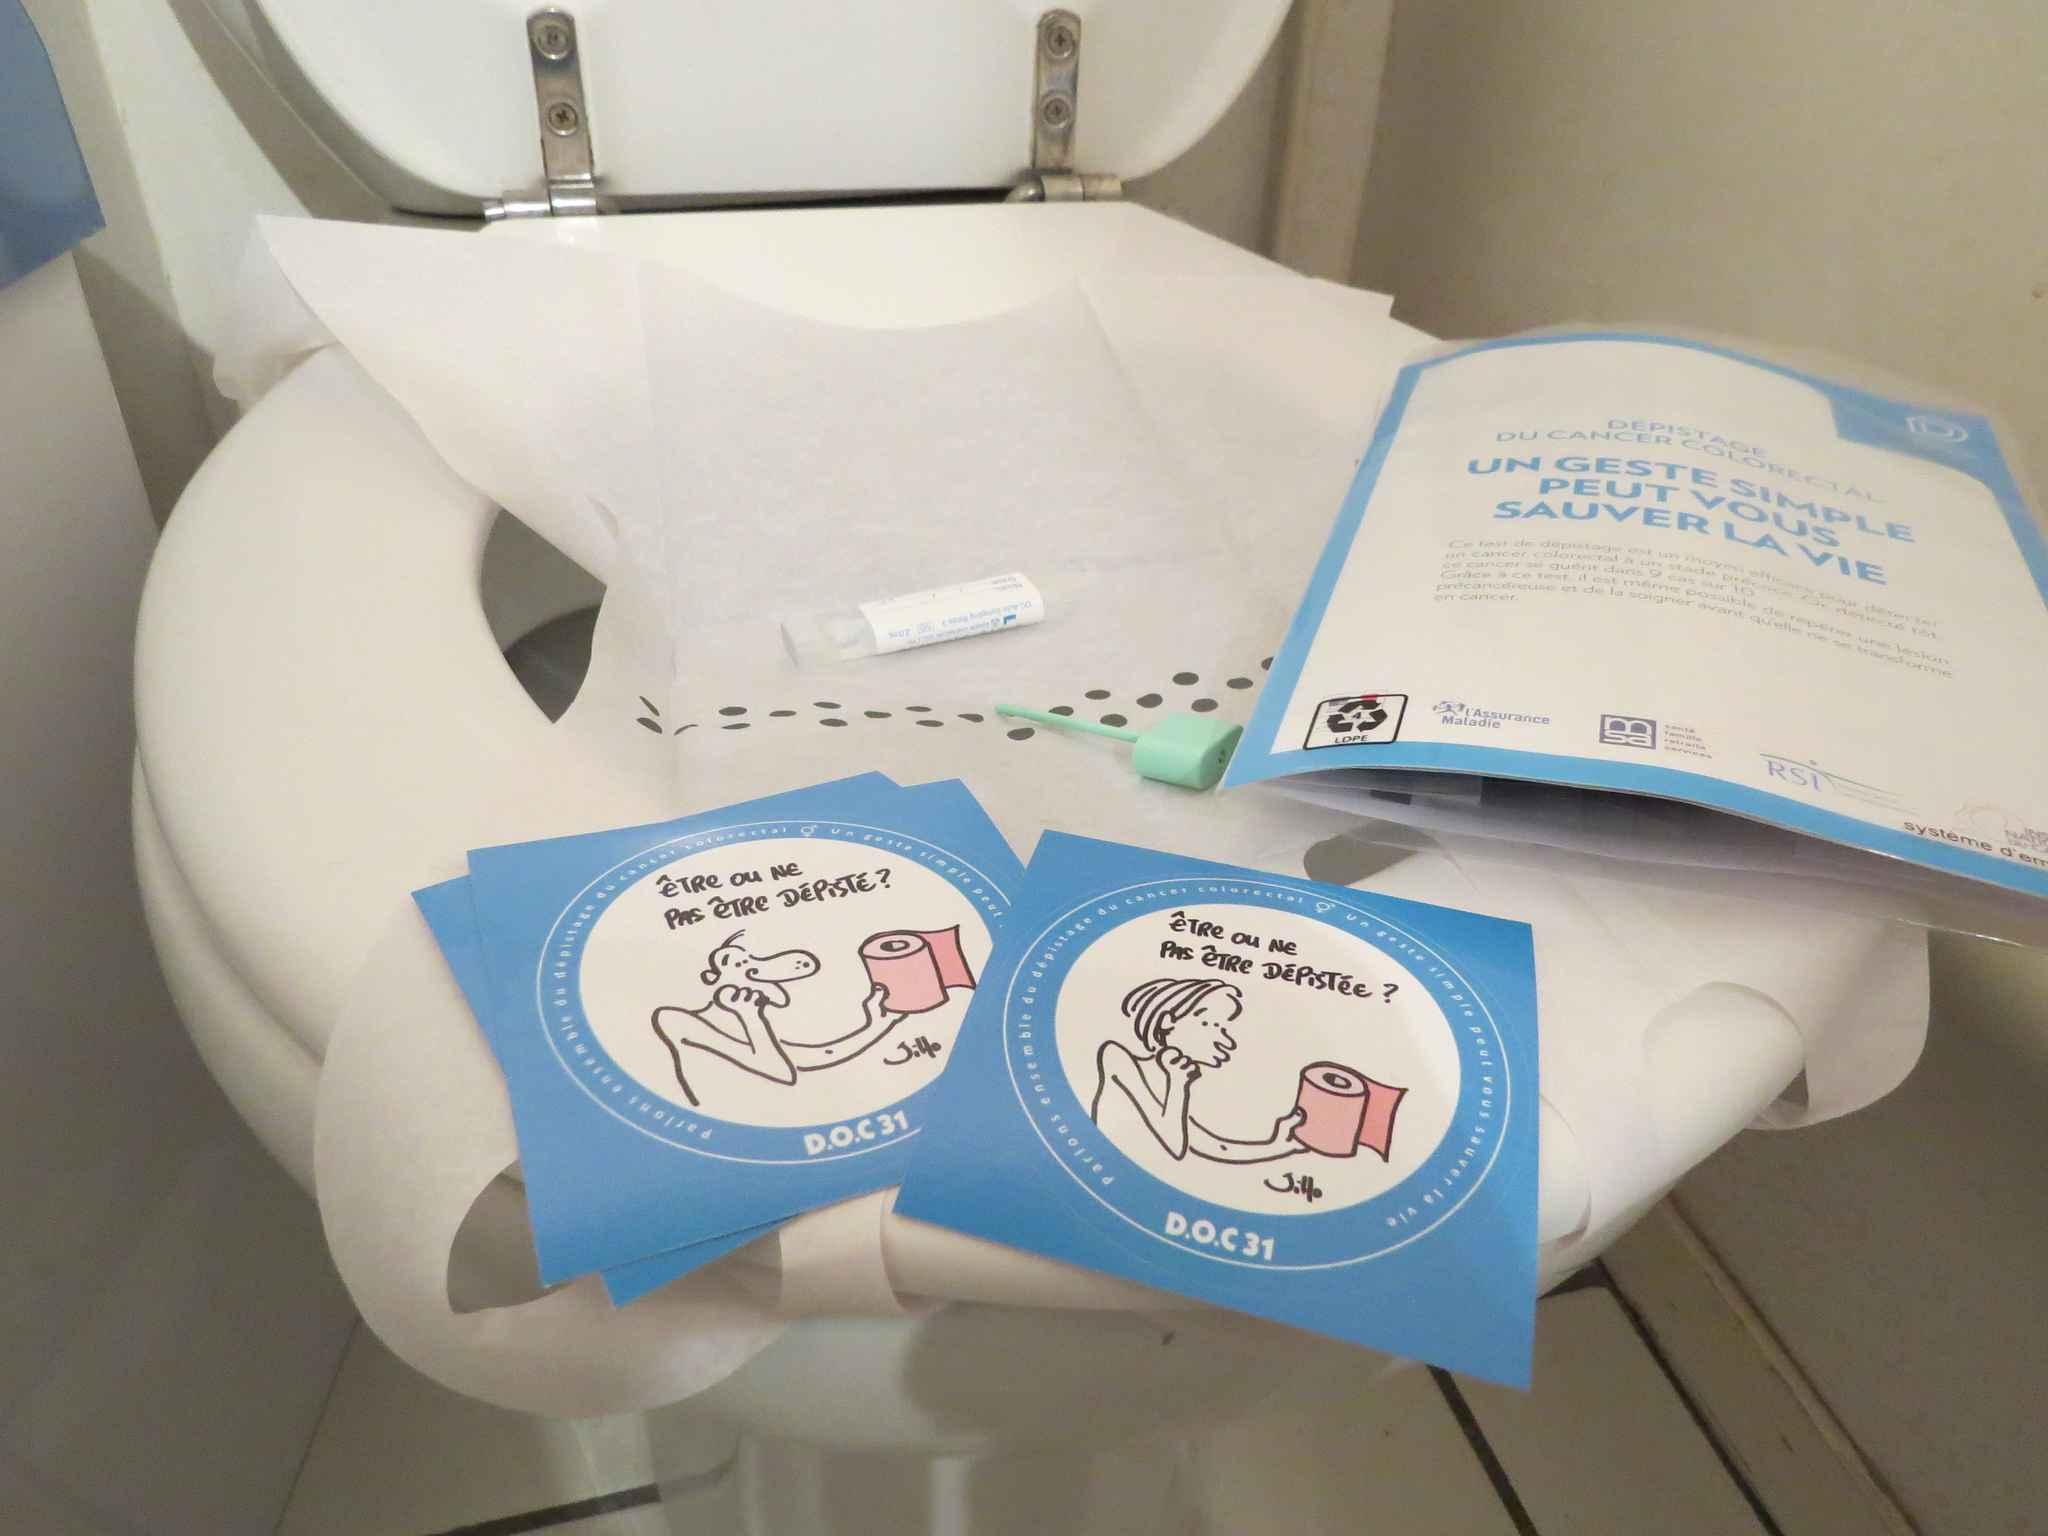 Nouvelle campagne de sensibilisation au dépistage du cancer colorectal — Mars bleu